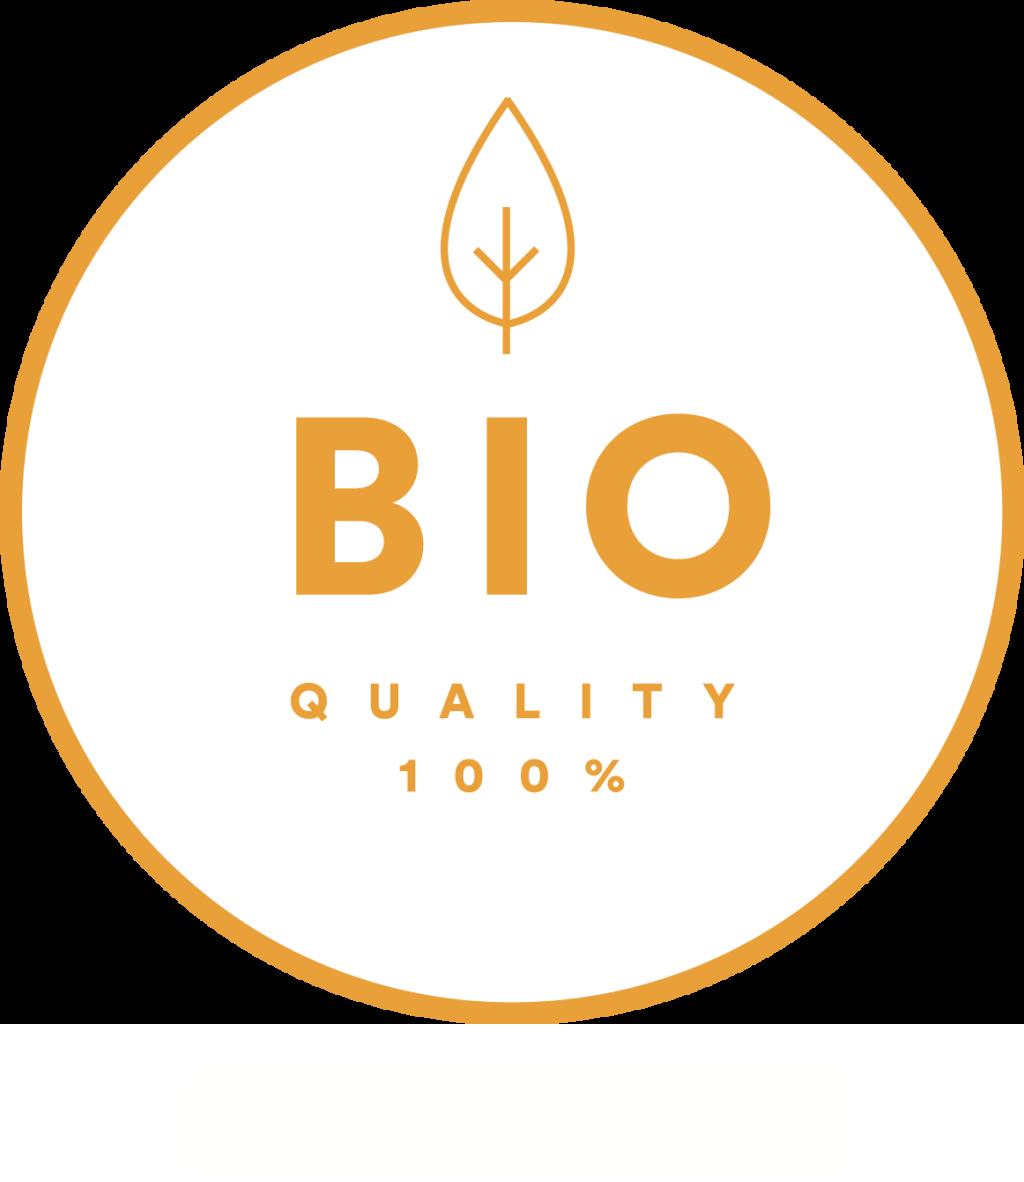 bio_siegel_w2-1-1024x1024_v2